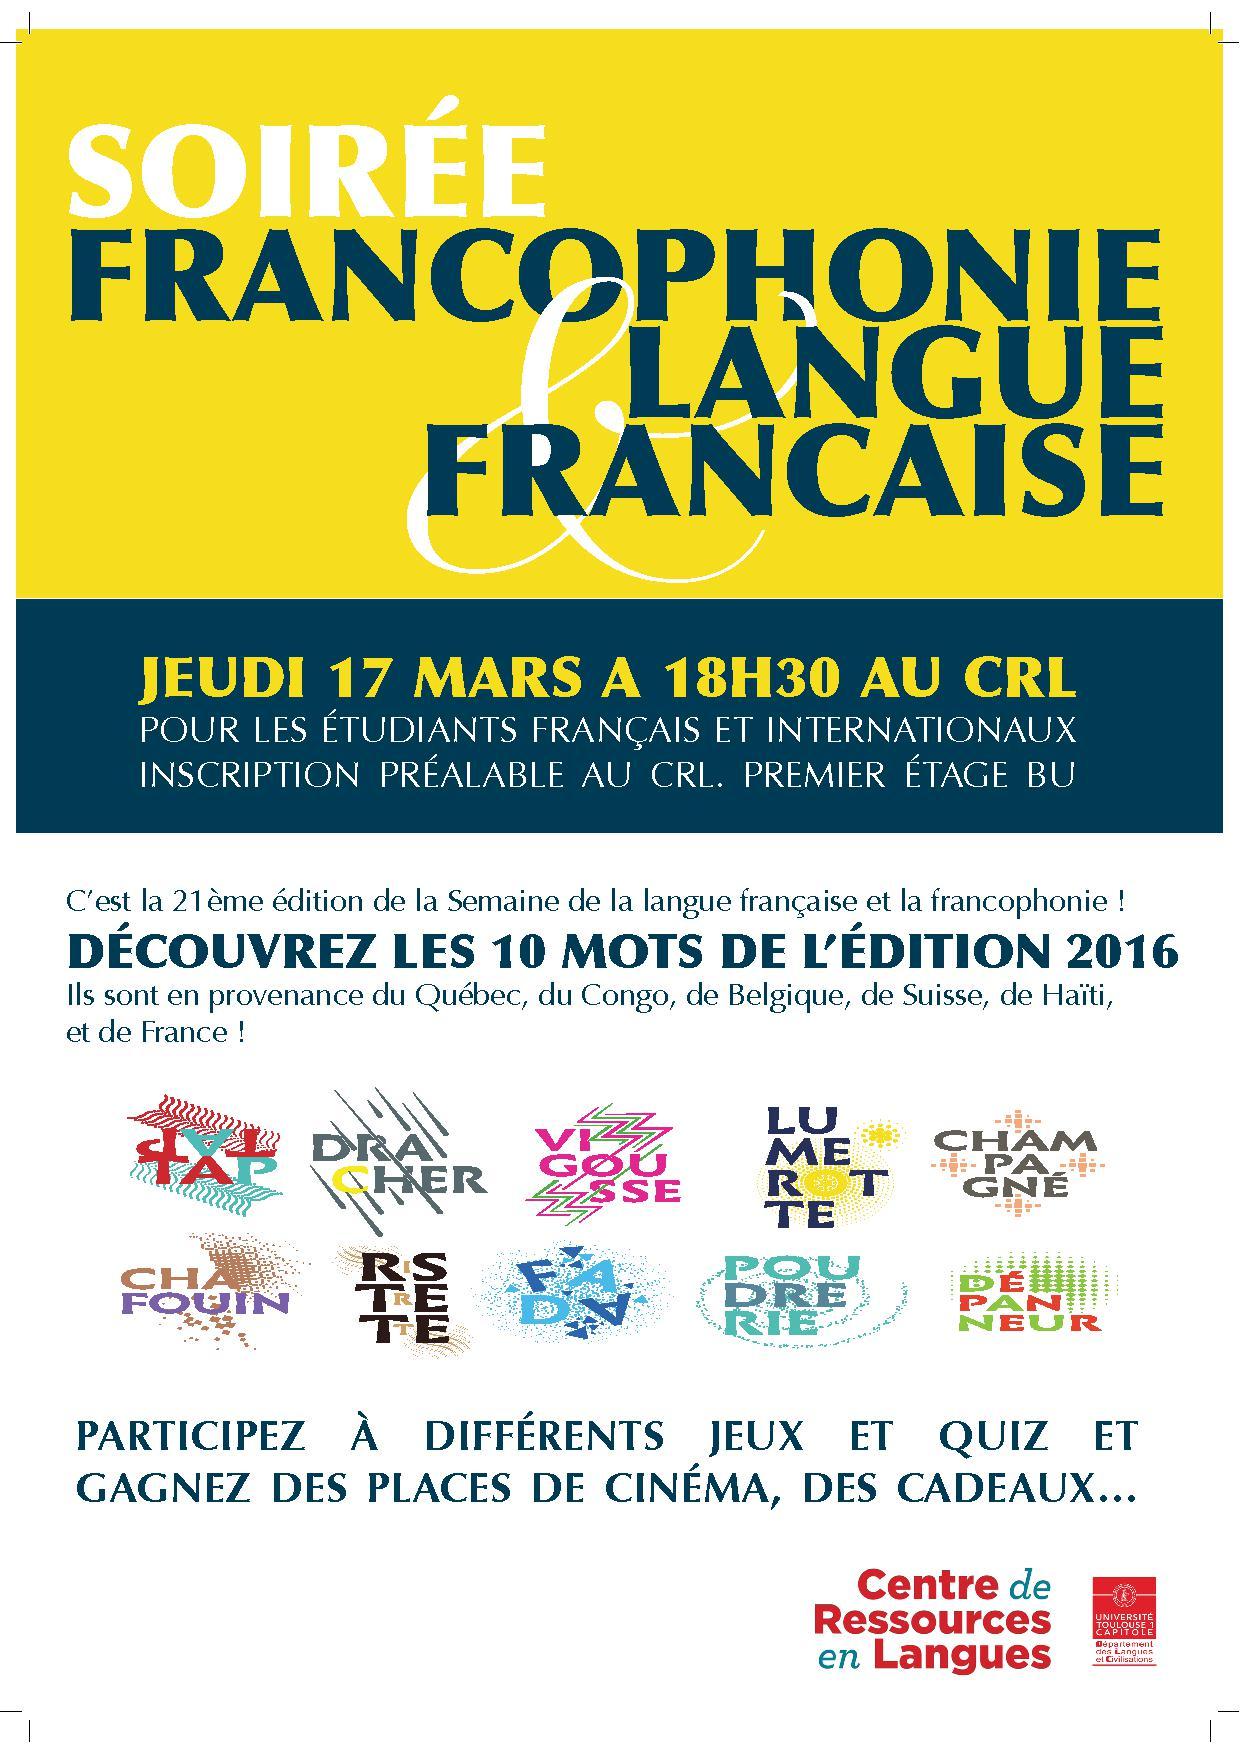 francophonie-2016.jpg